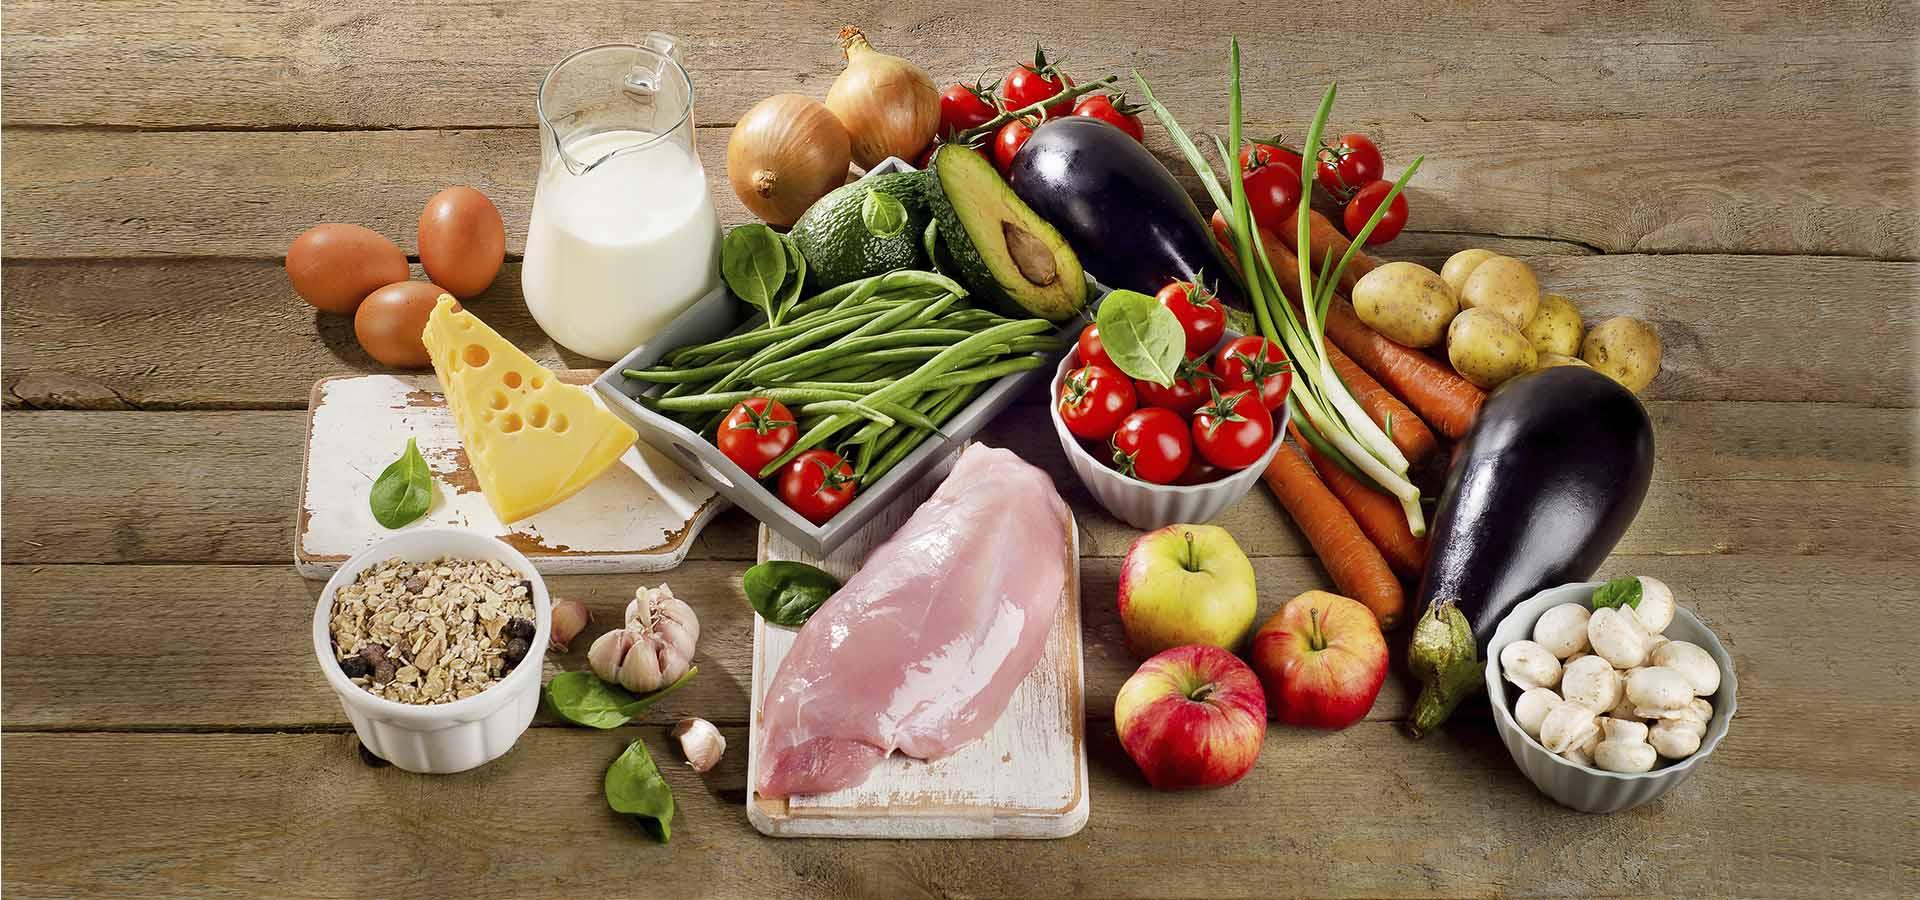 set-de-alimentos-para-el-envasado-termoformados-banyeres-tarrinas-loncheados-bandejas